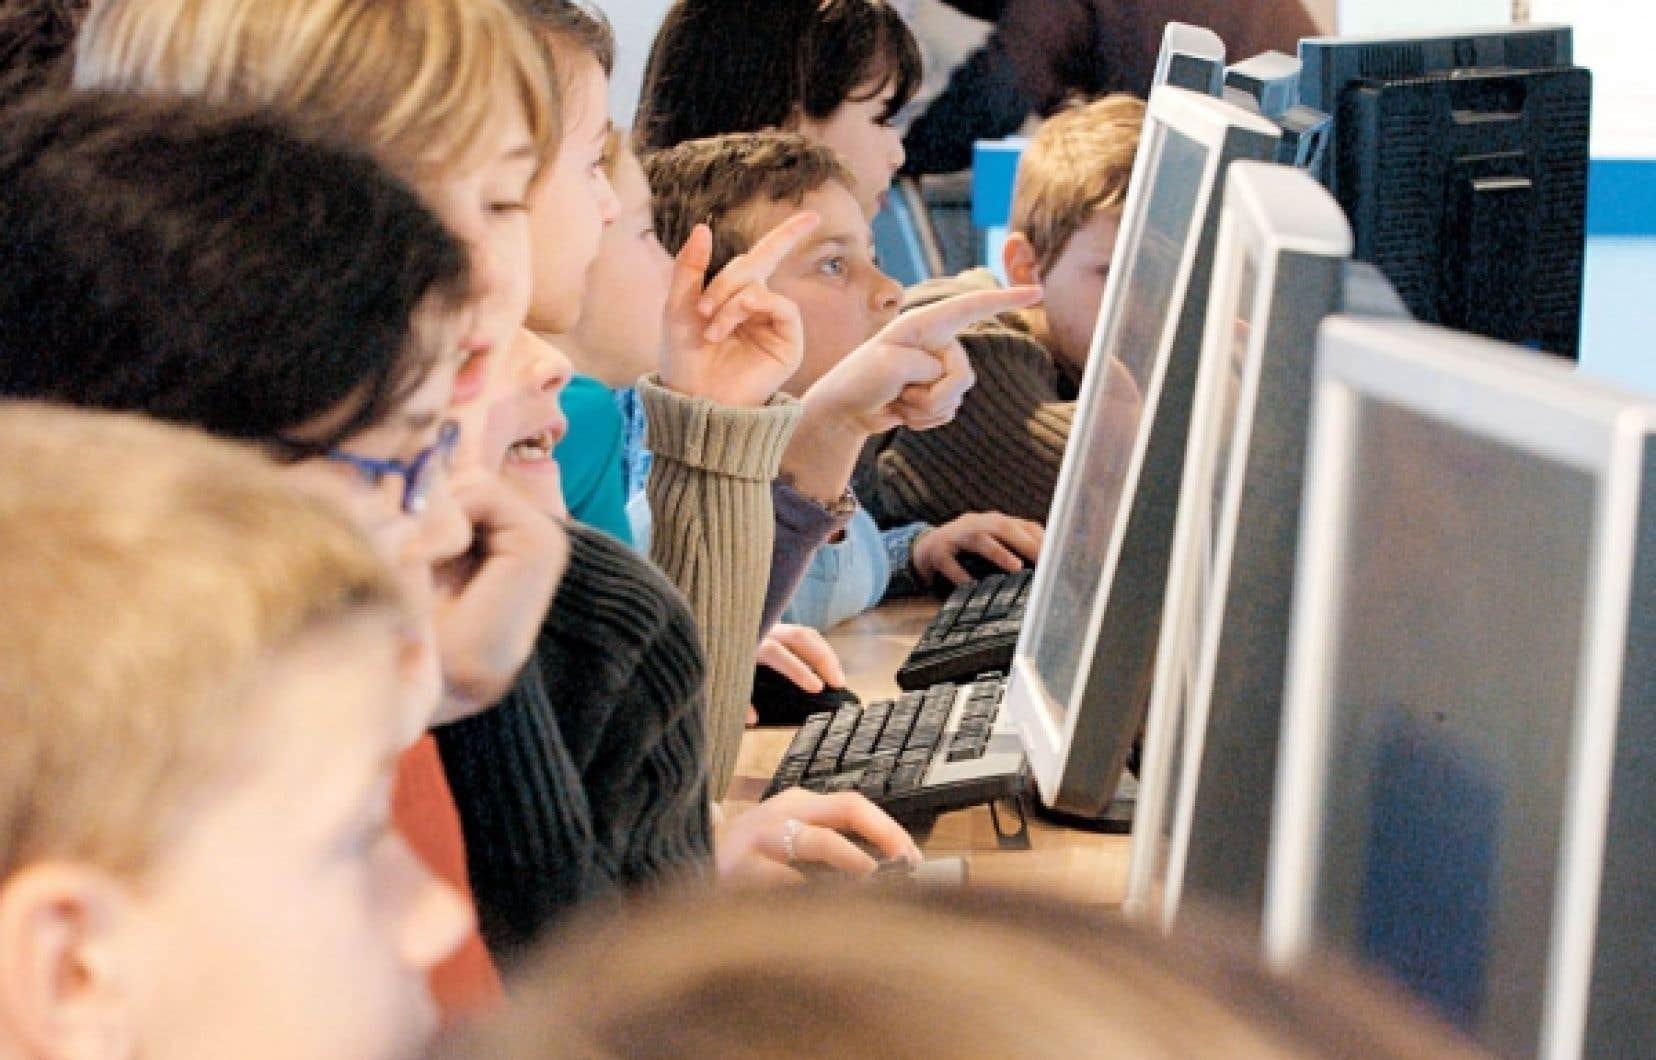 Les jeunes de la «génération C» baignent dans l'univers d'Internet.